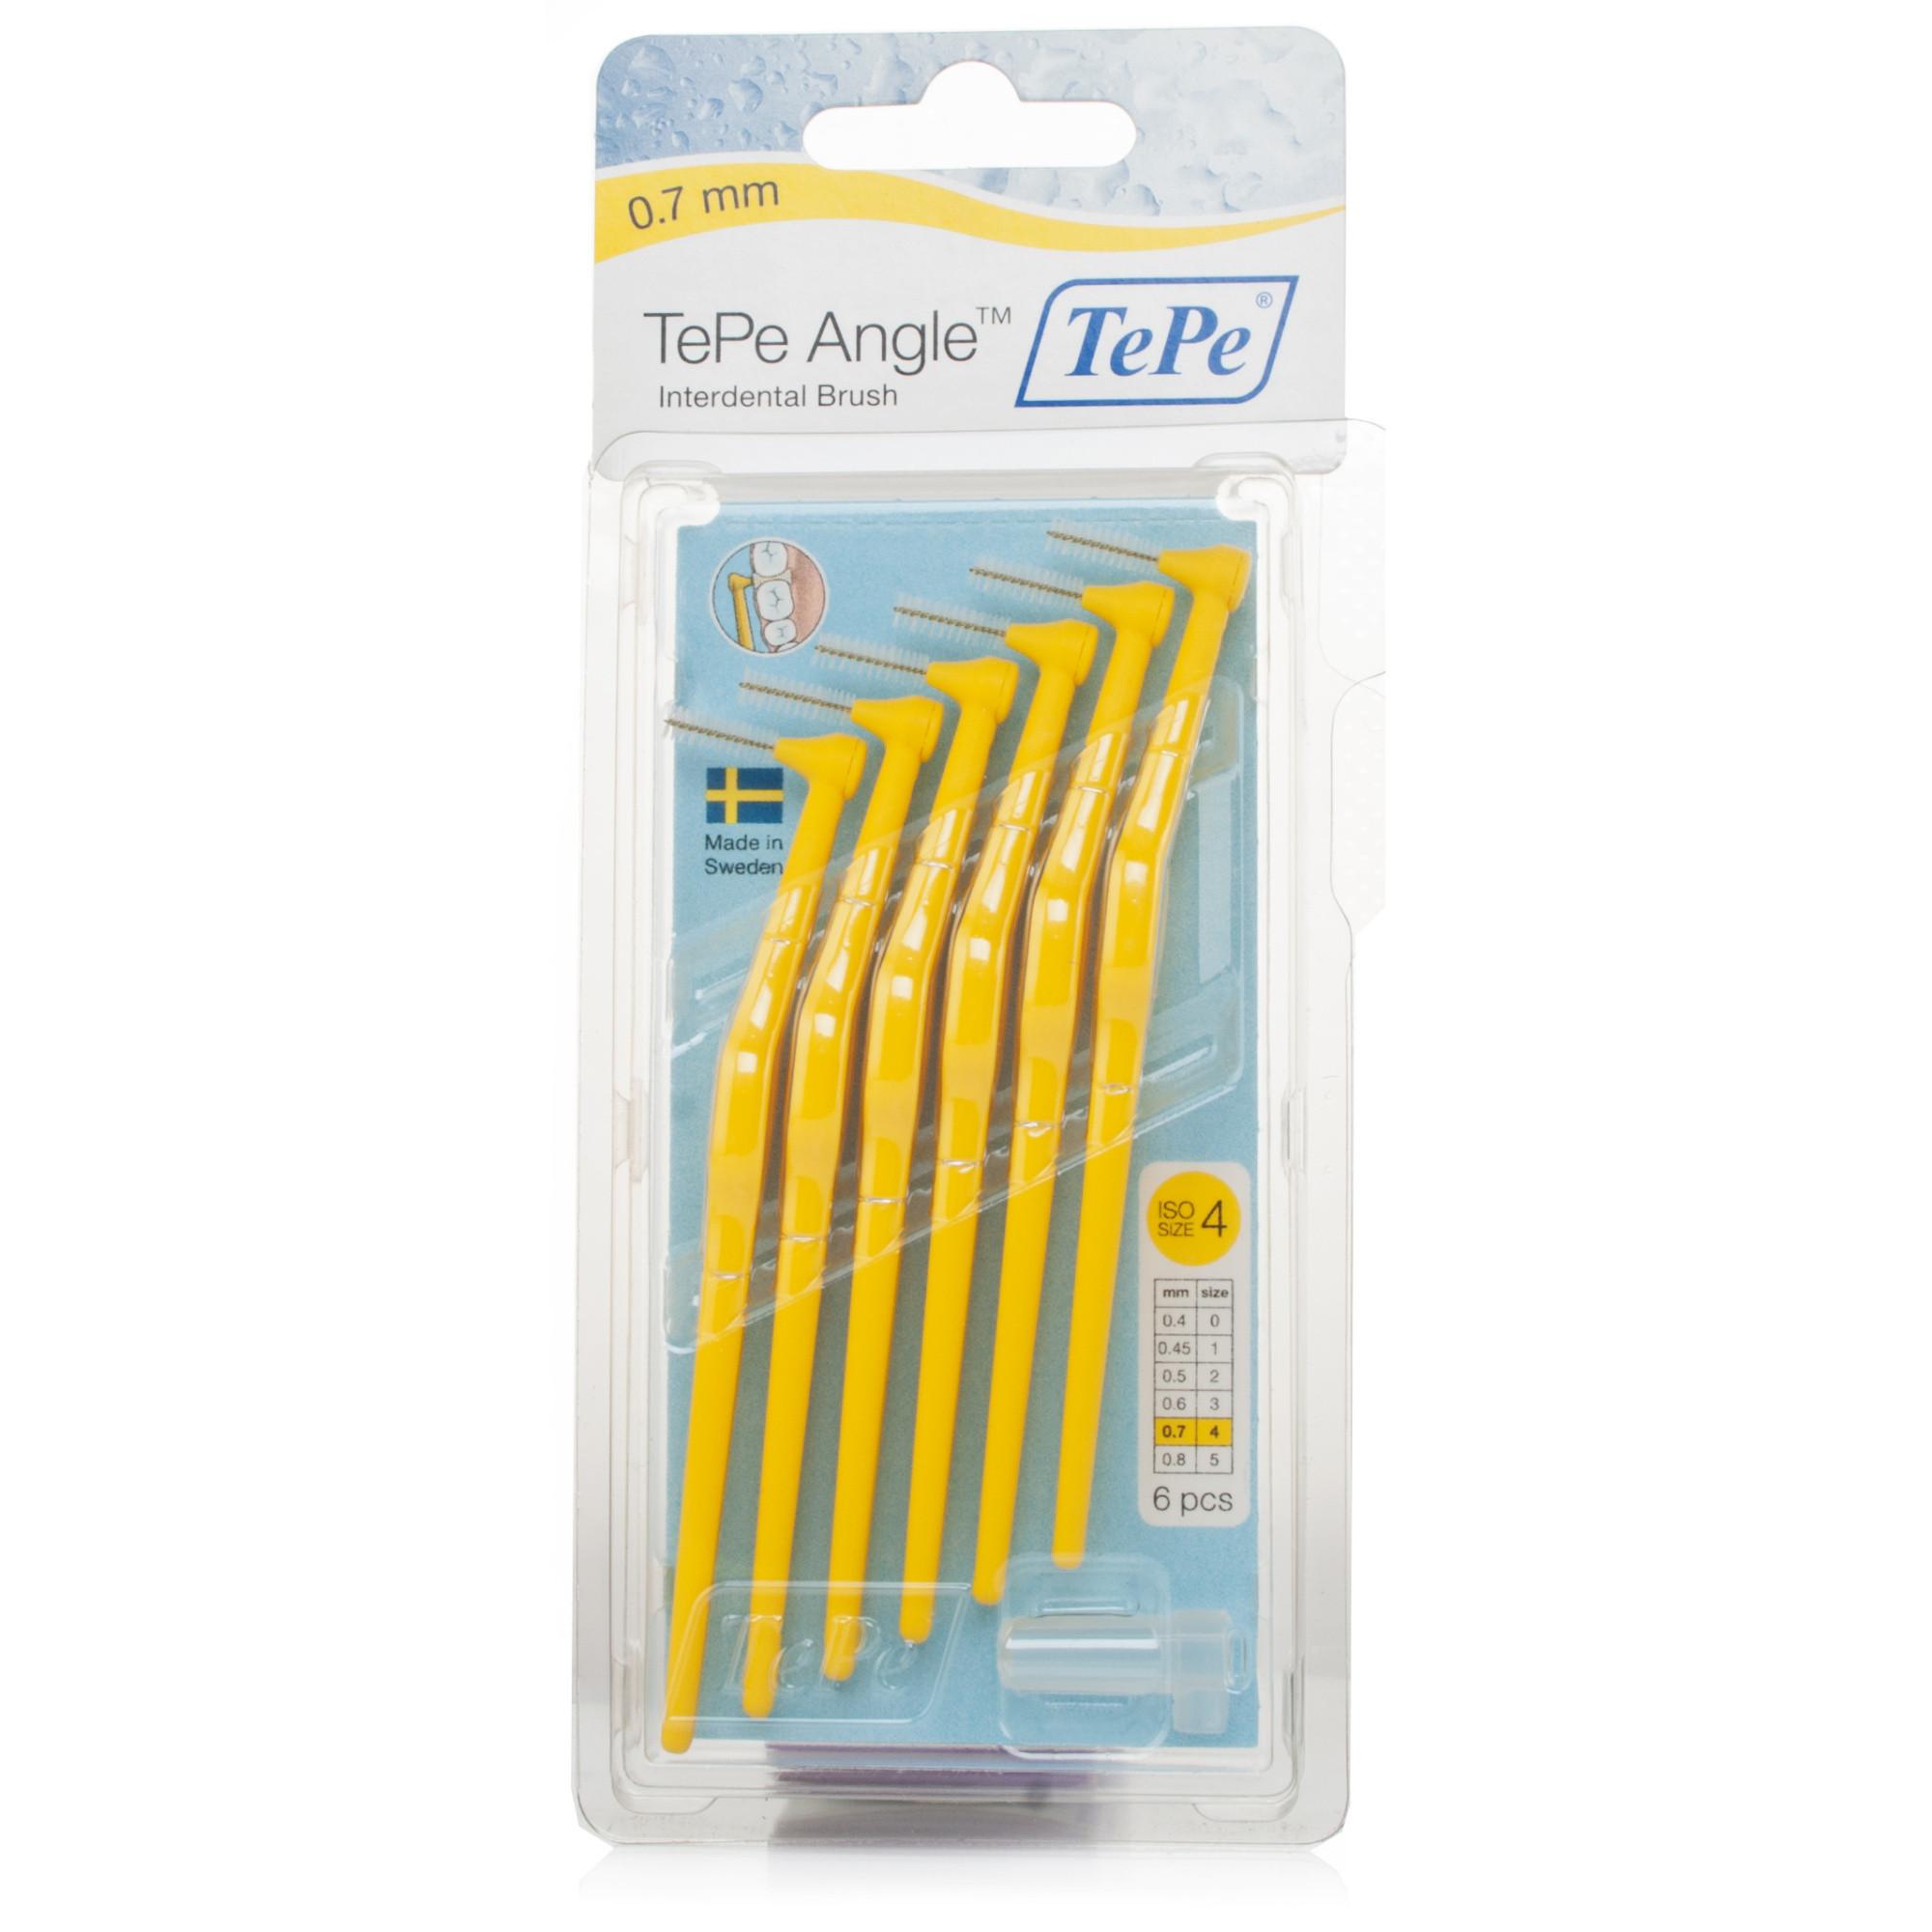 Tepe Angled Interdental Brush Yellow